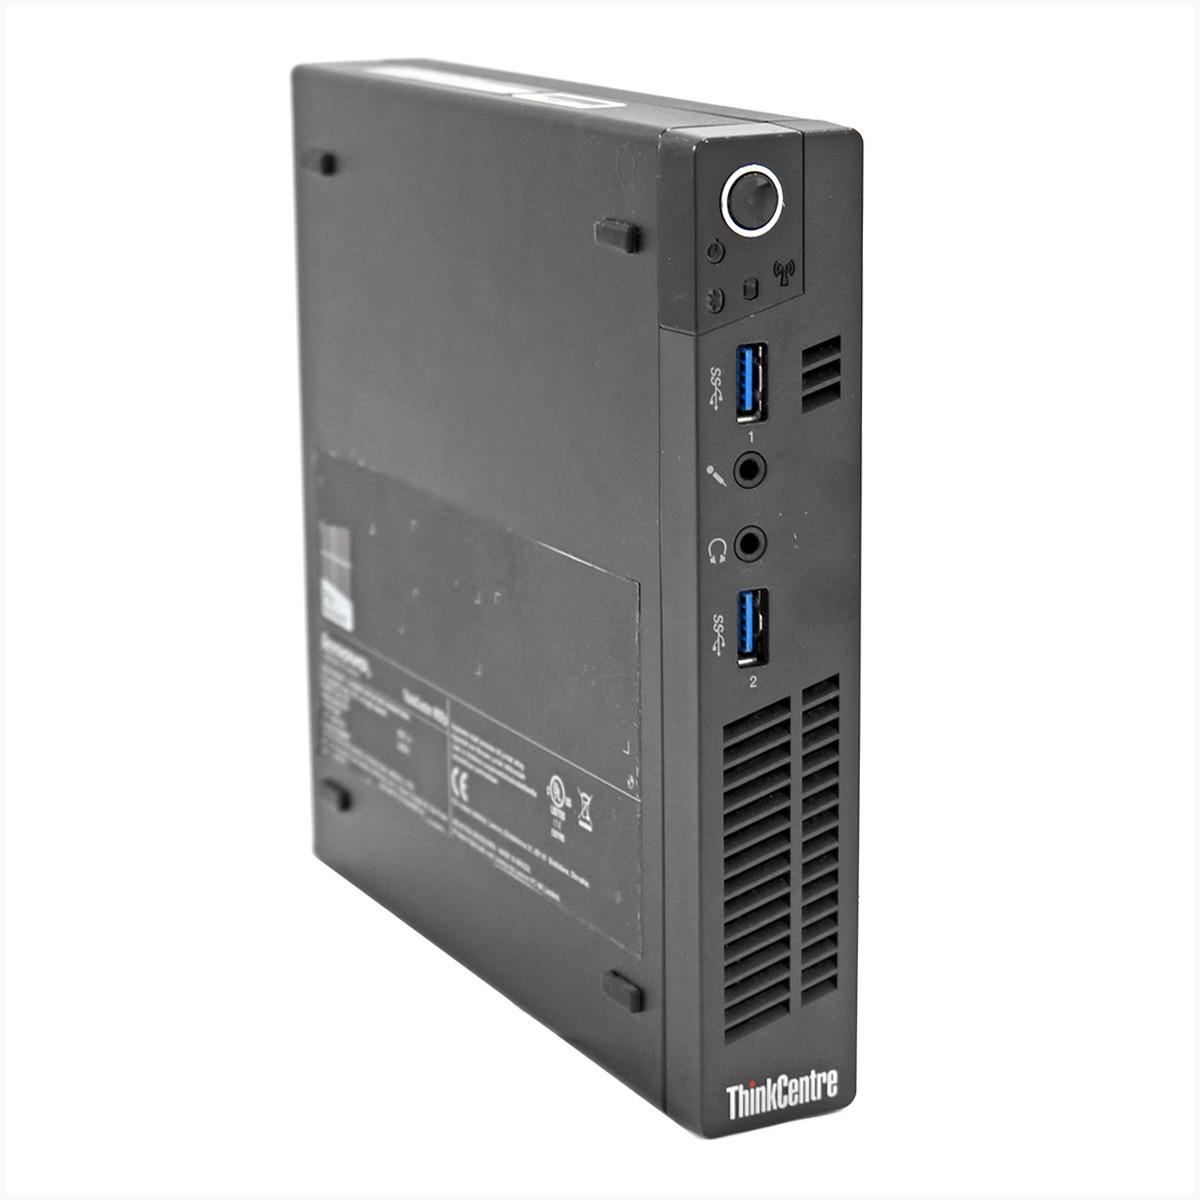 Computador lenovo m92p ultra reduzido i5 4gb 320gb - usado